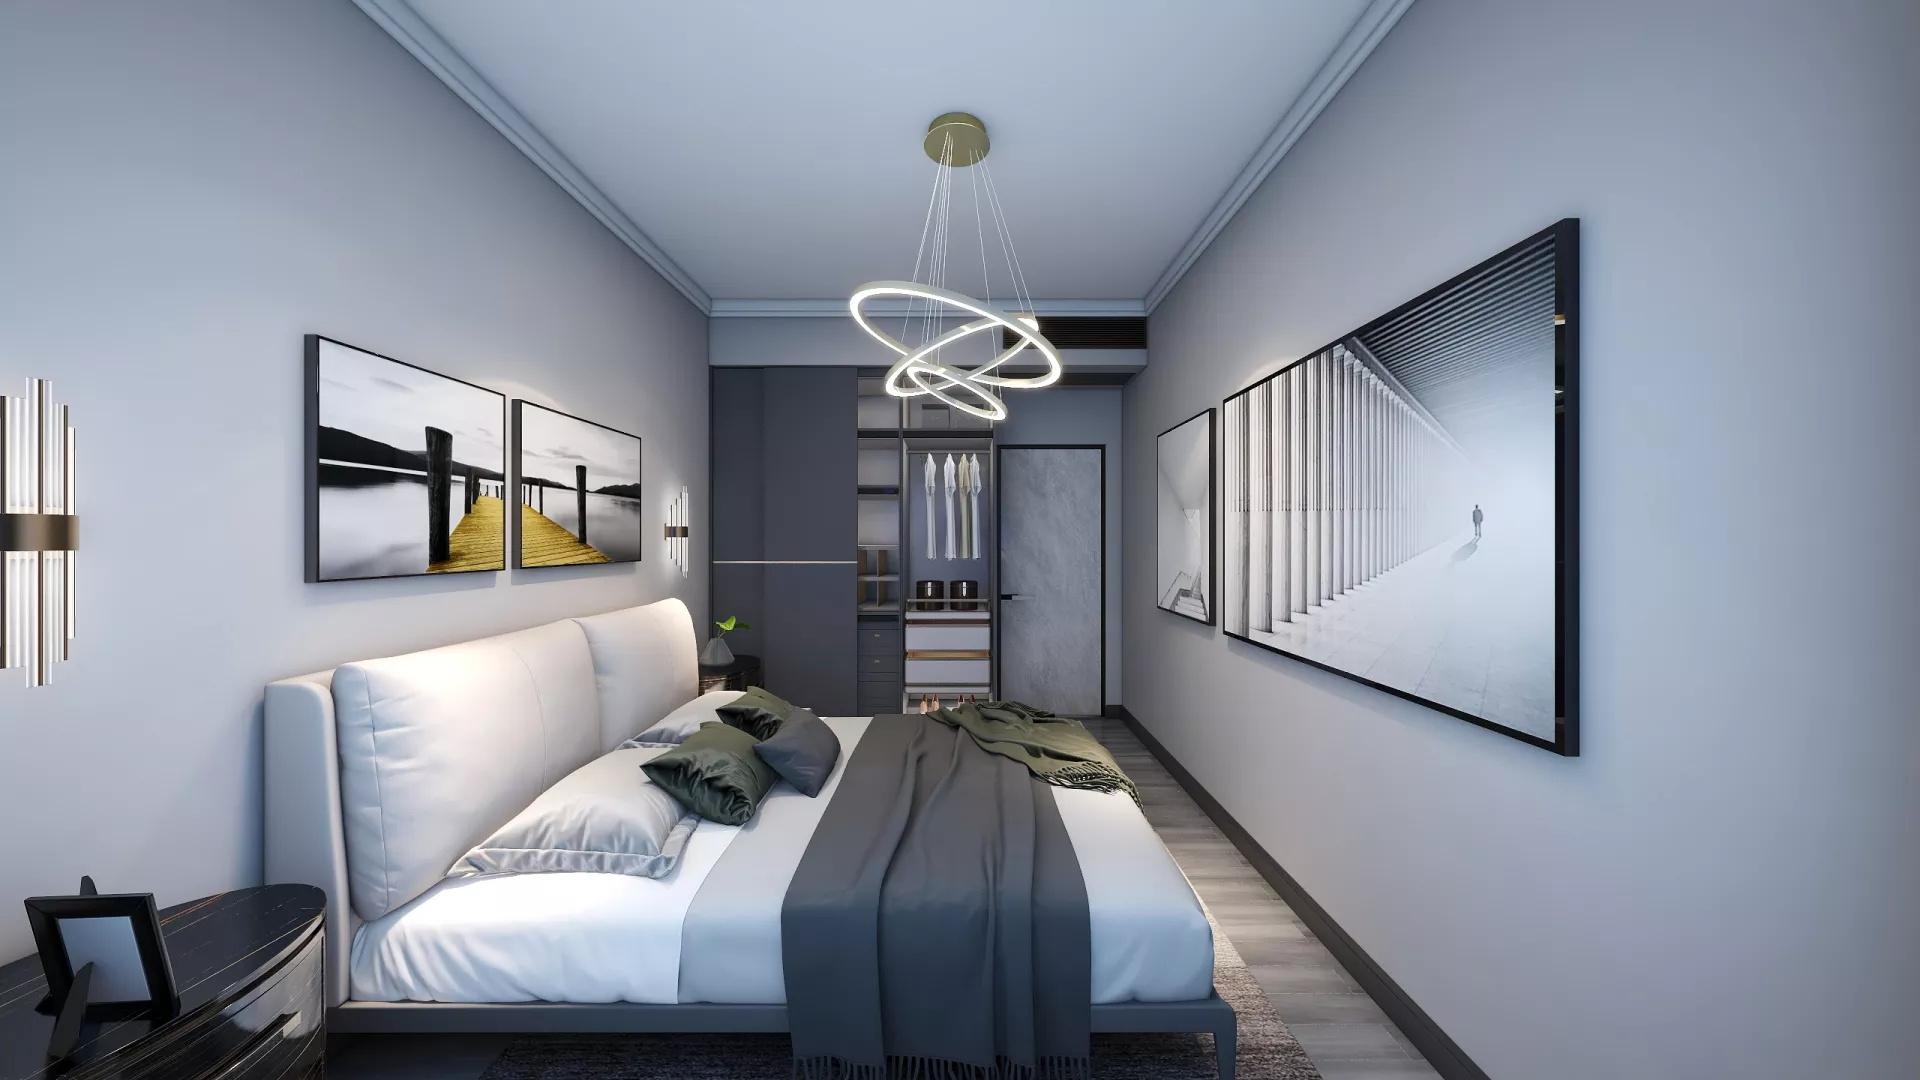 卧室装修风水 卧室的灯具如何选